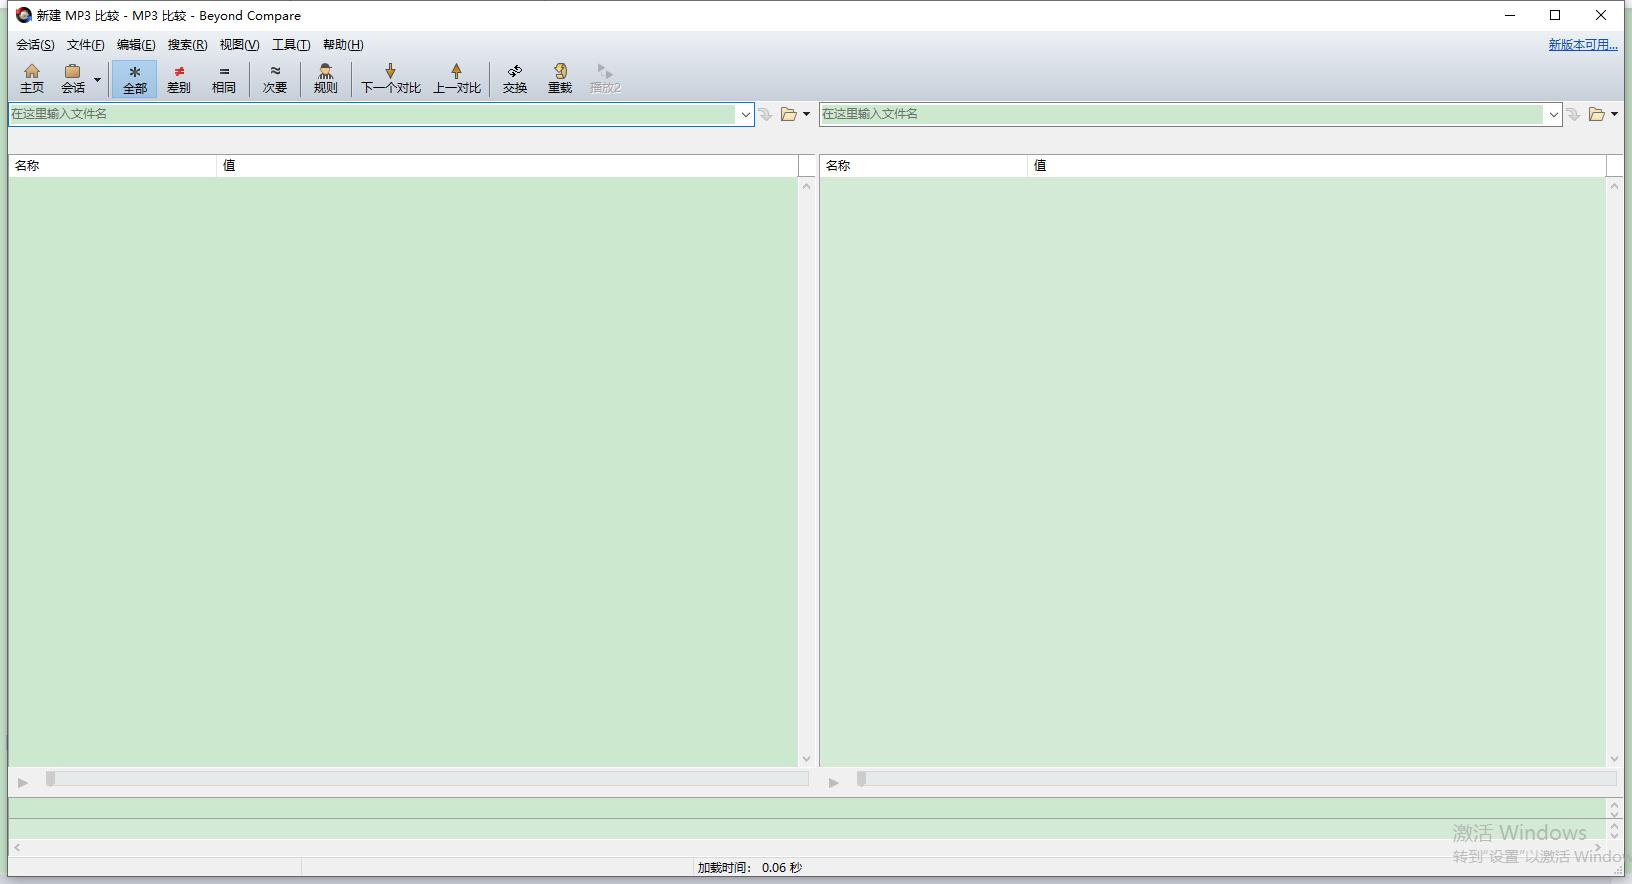 图2:MP3比较工作台界面